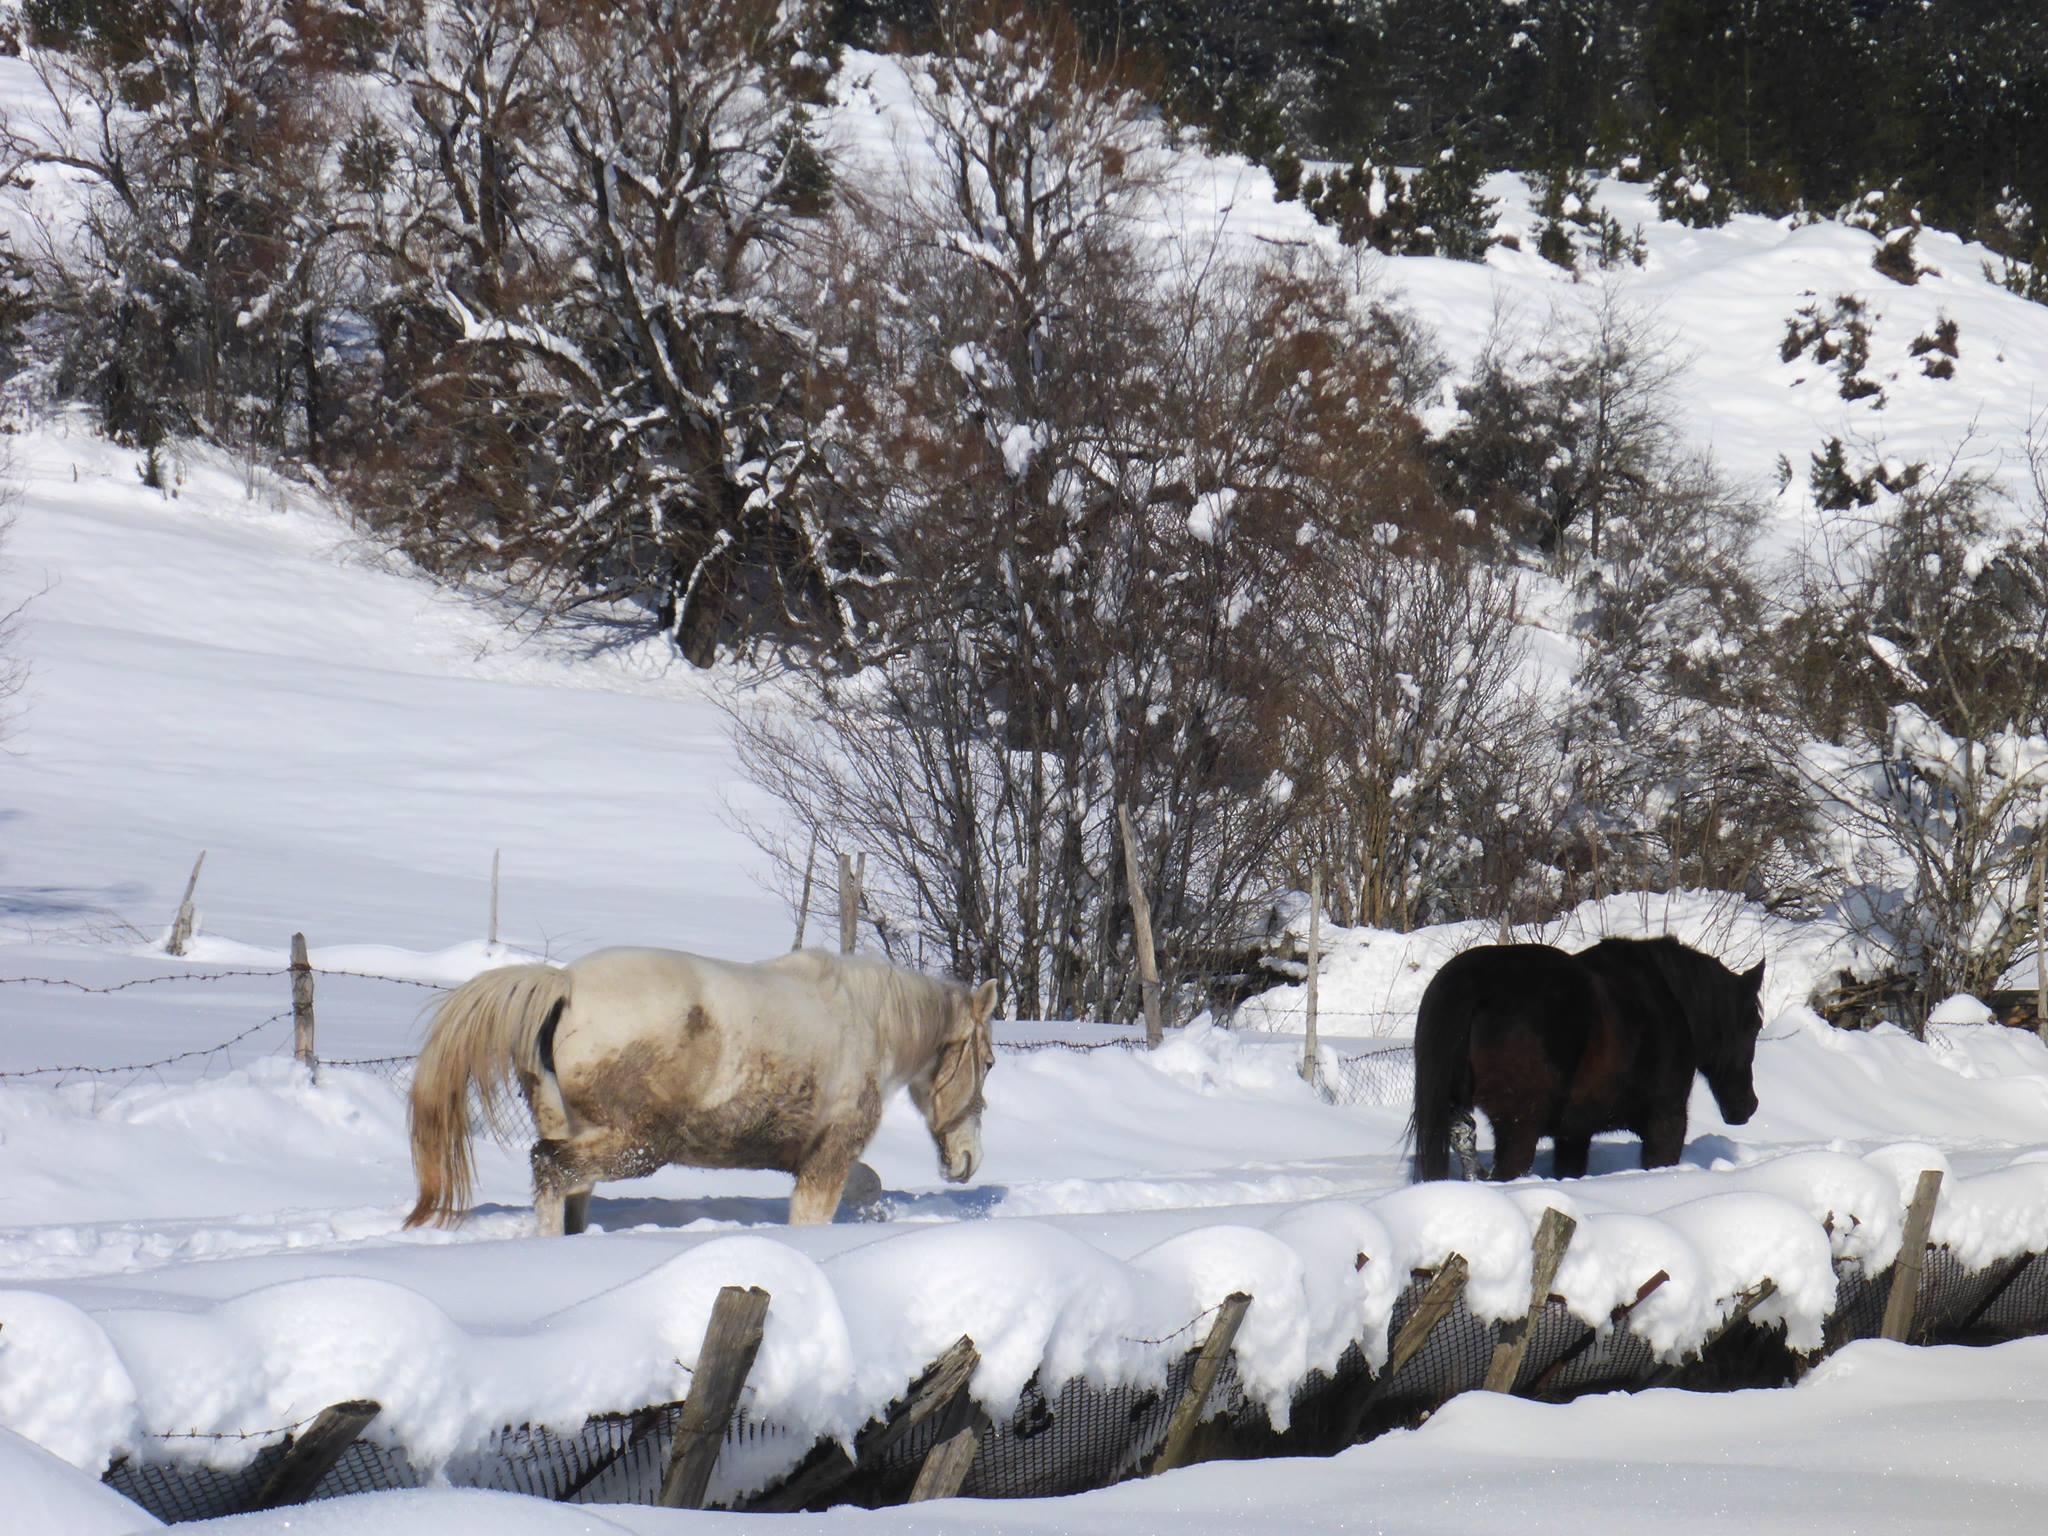 La neige n'est aucunement un obstacle pour les chevaux